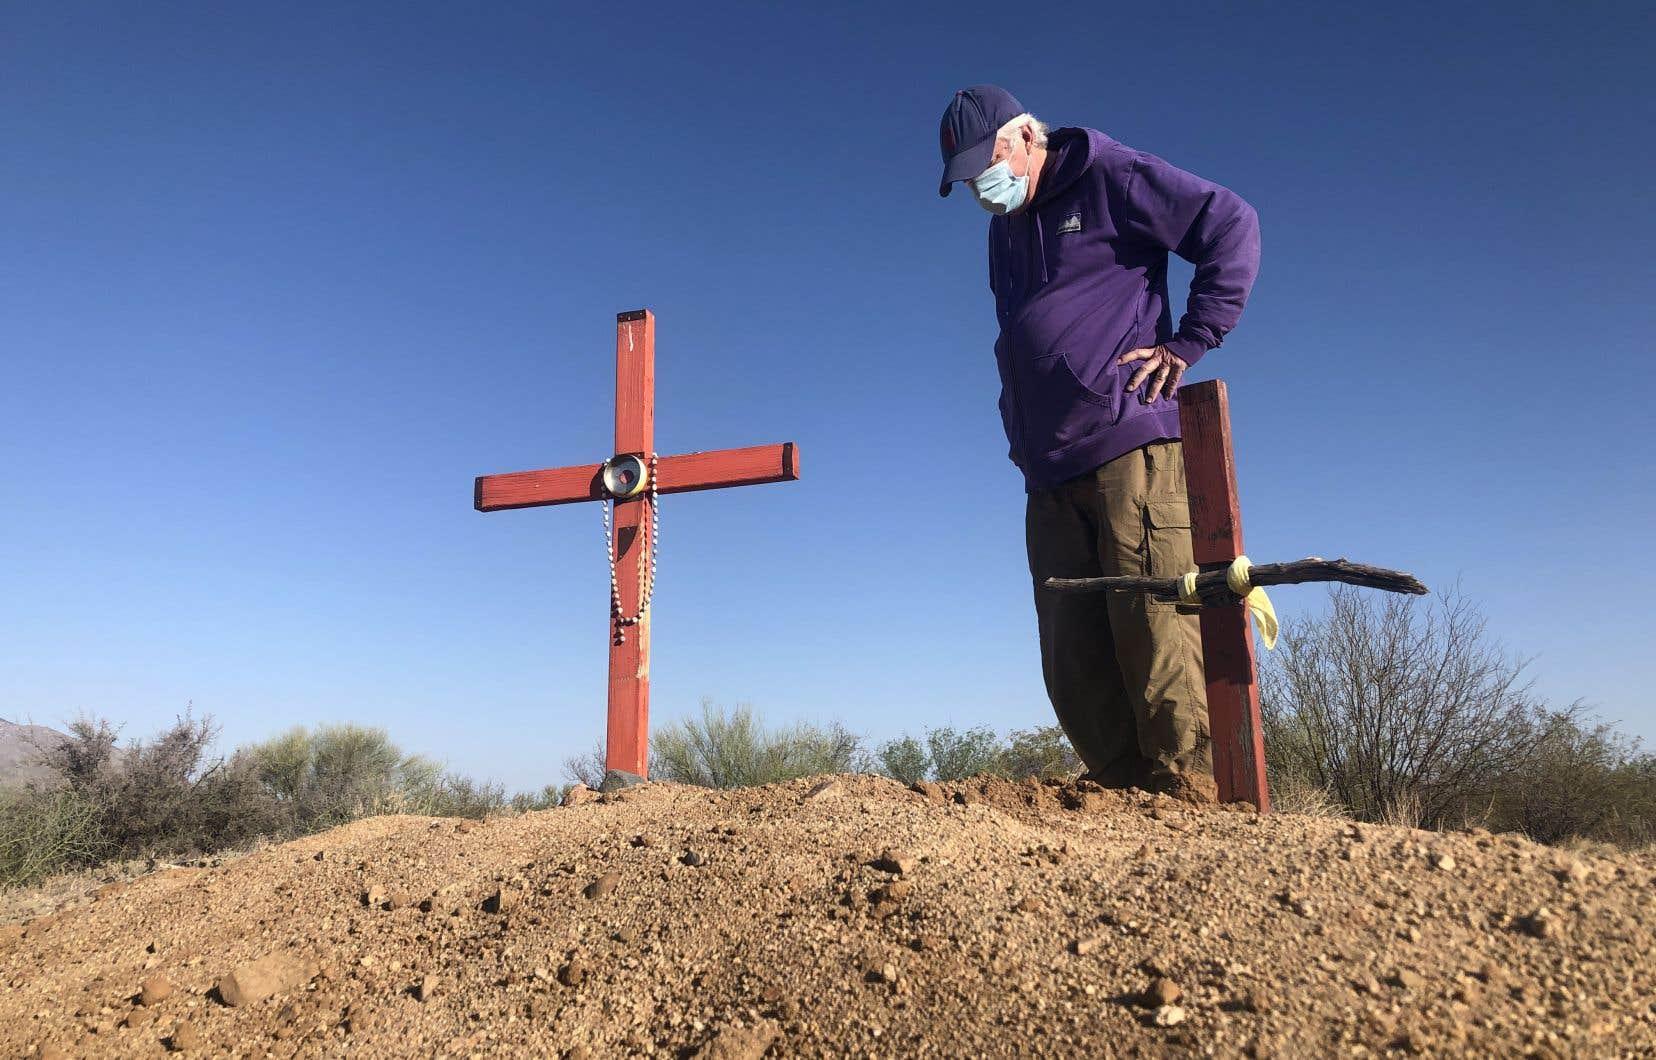 L'espoir d'une nouvelle vie passe par un territoire hostile, le désert, sur lequel plus de 200 migrants ont perdu la vie en 2020. Des bénévoles placent des croix où les cadavres ont été retrouvés pour ne pas les oublier.